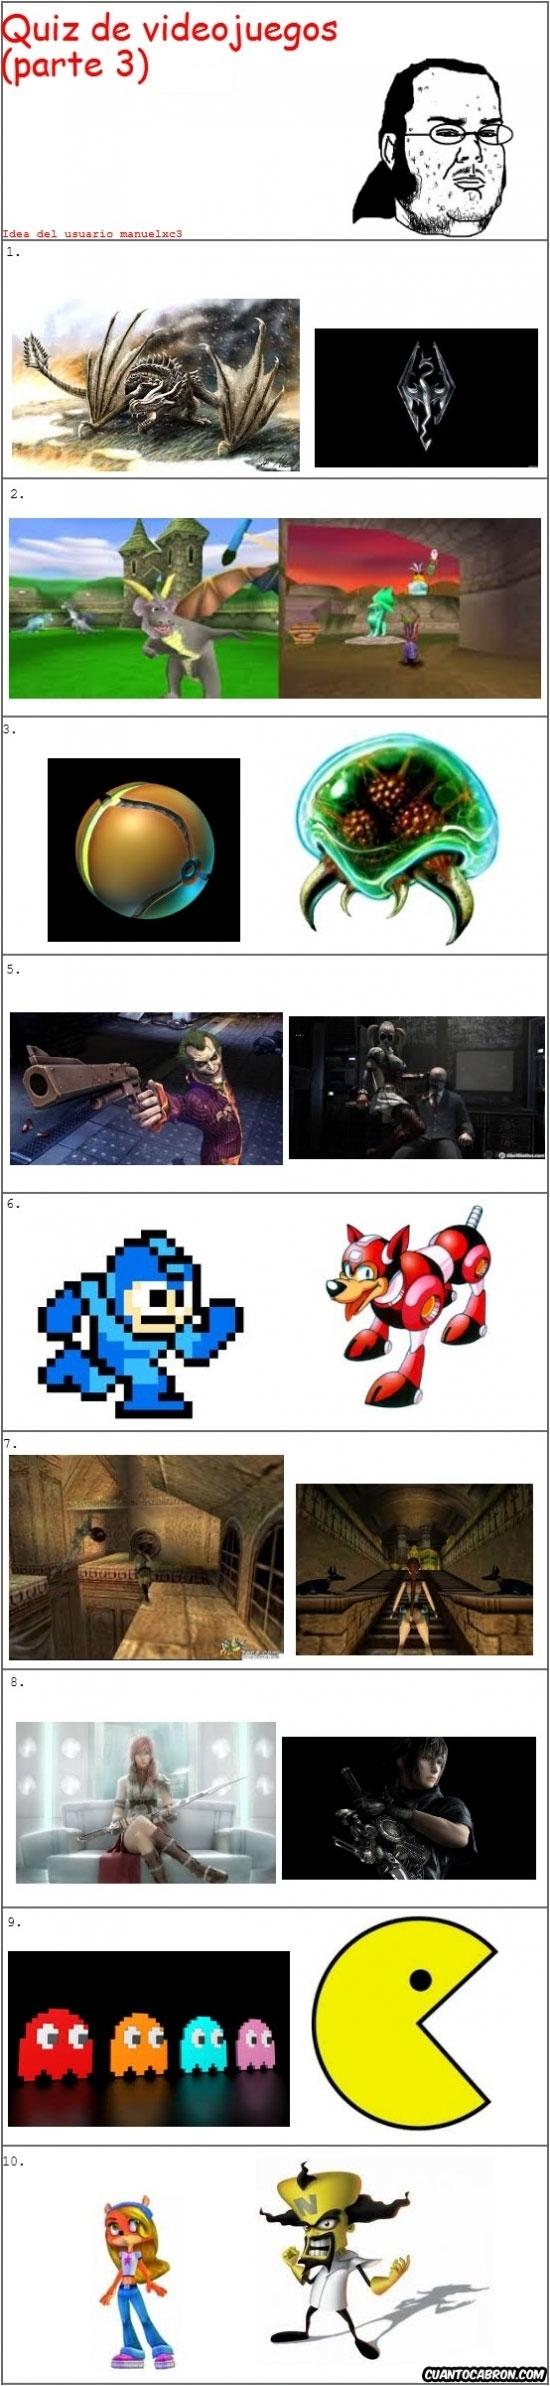 Friki - [Tema de la semana] Vamos con el último quiz de videojuegos de esta semana